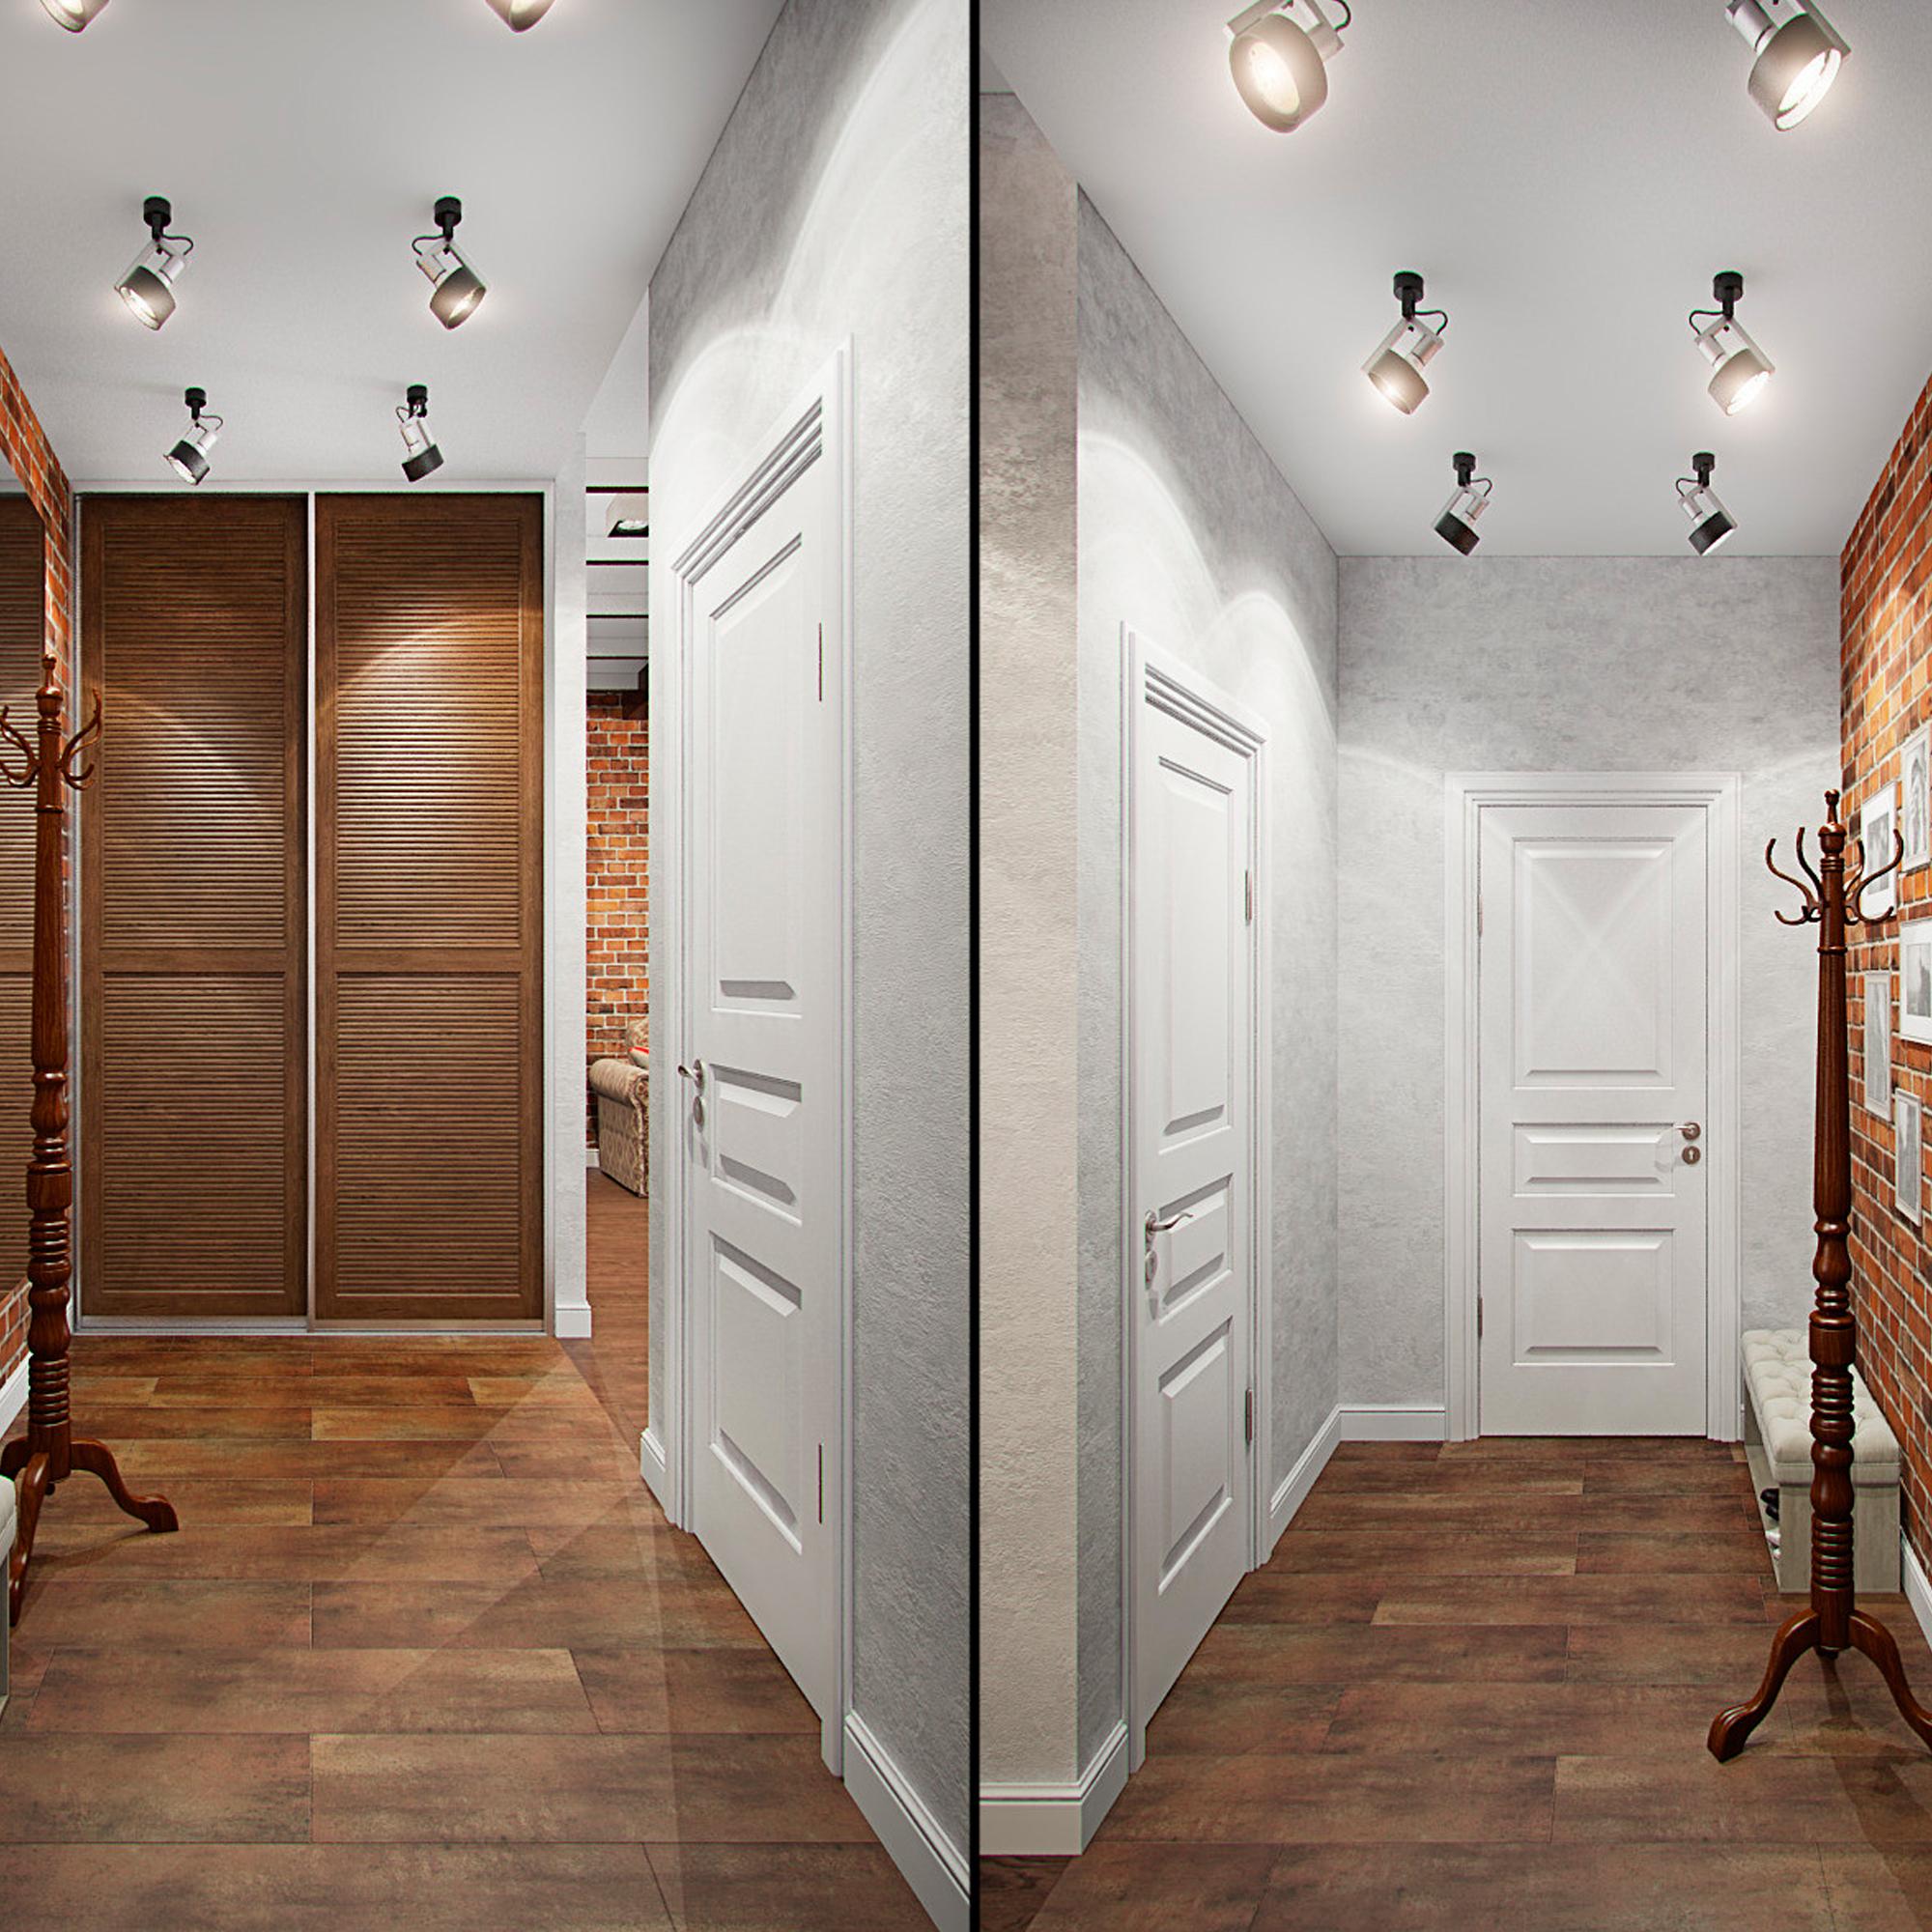 Светильники-споты в узком коридоре